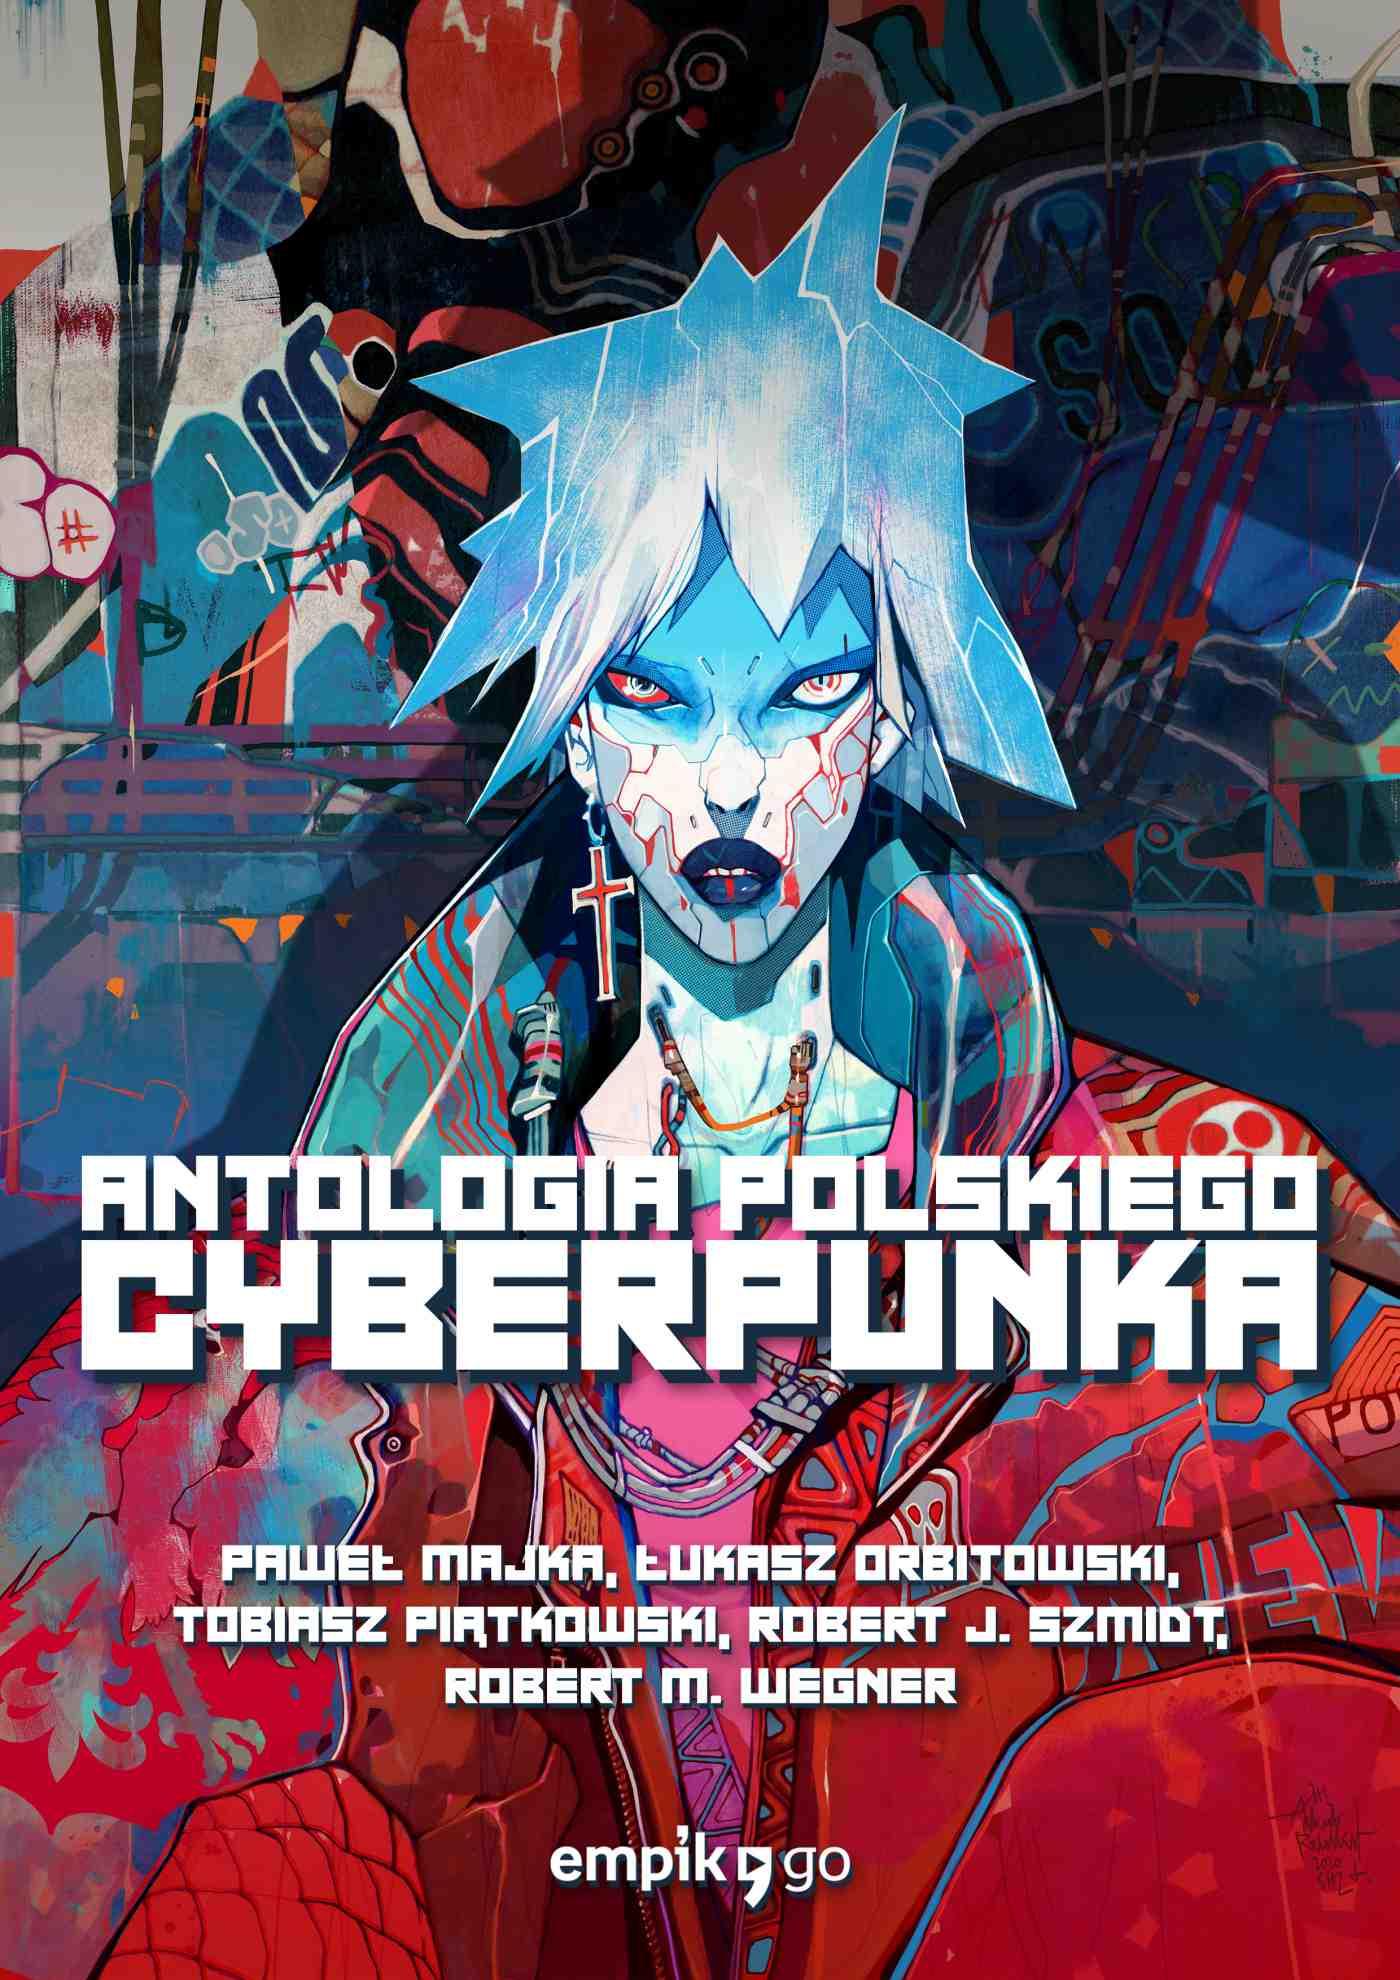 Antologia polskiego cyberpunka - Ebook (Książka EPUB) do pobrania w formacie EPUB